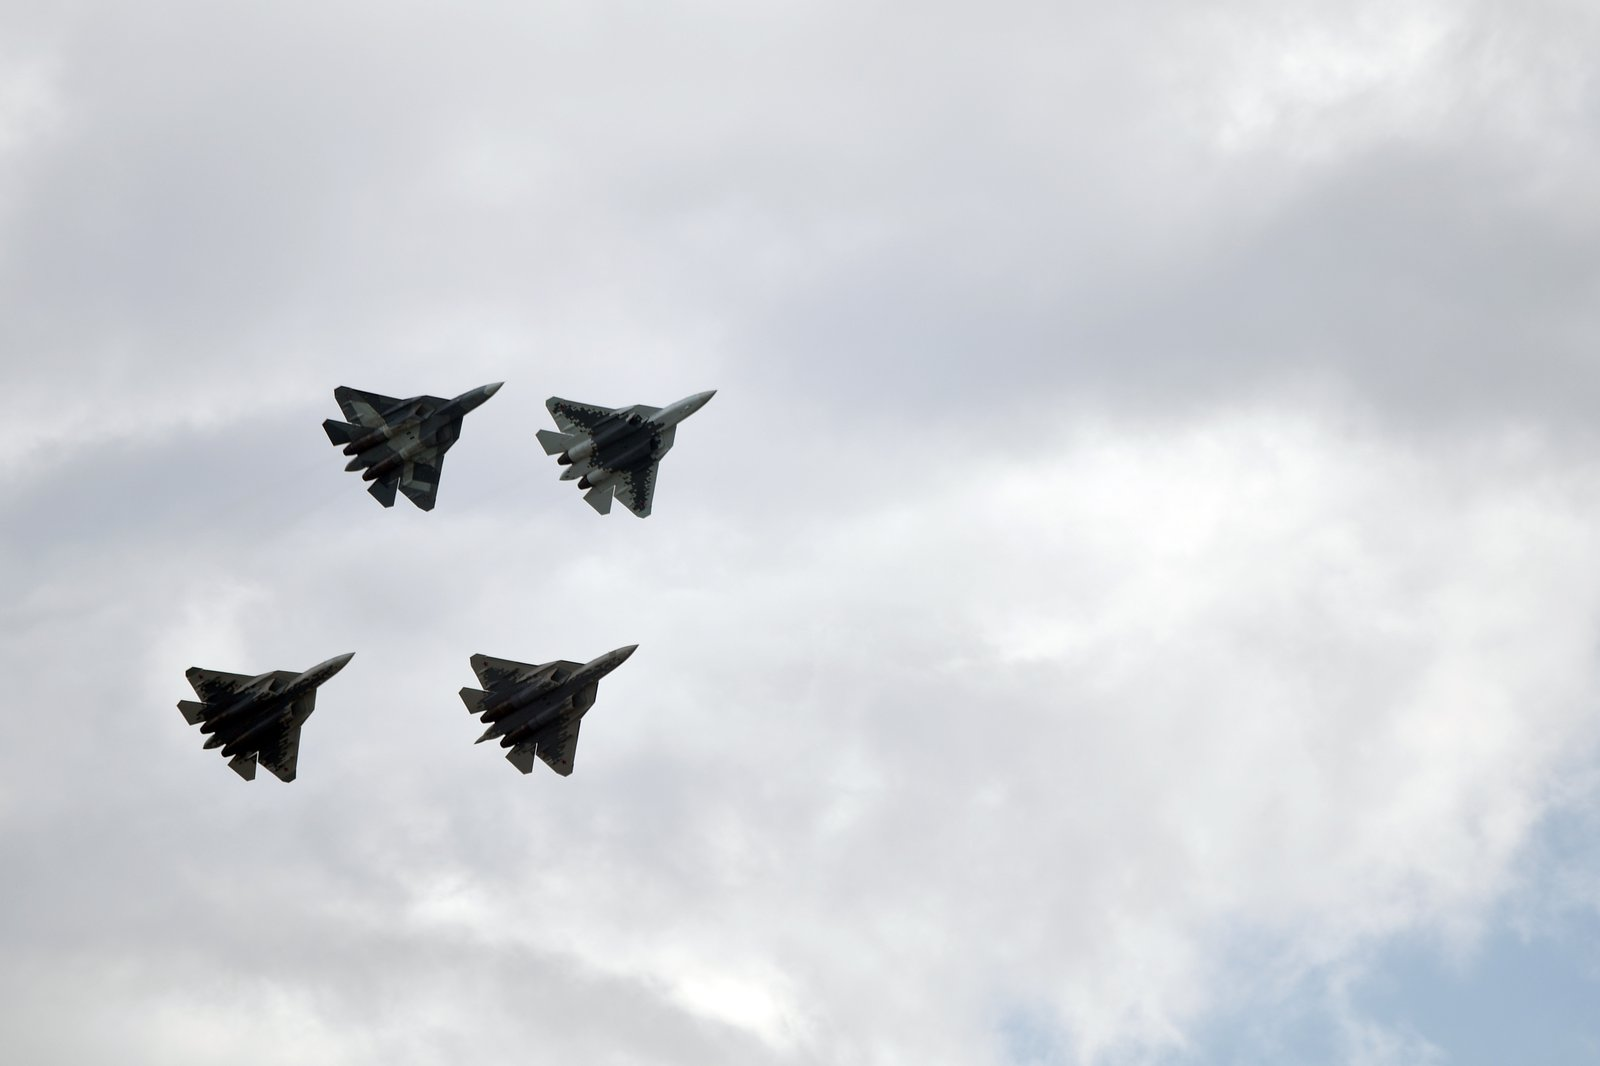 Андрей Воробьев губернатор московской области - Первым делом самолеты: как мы готовились к МАКС-2019